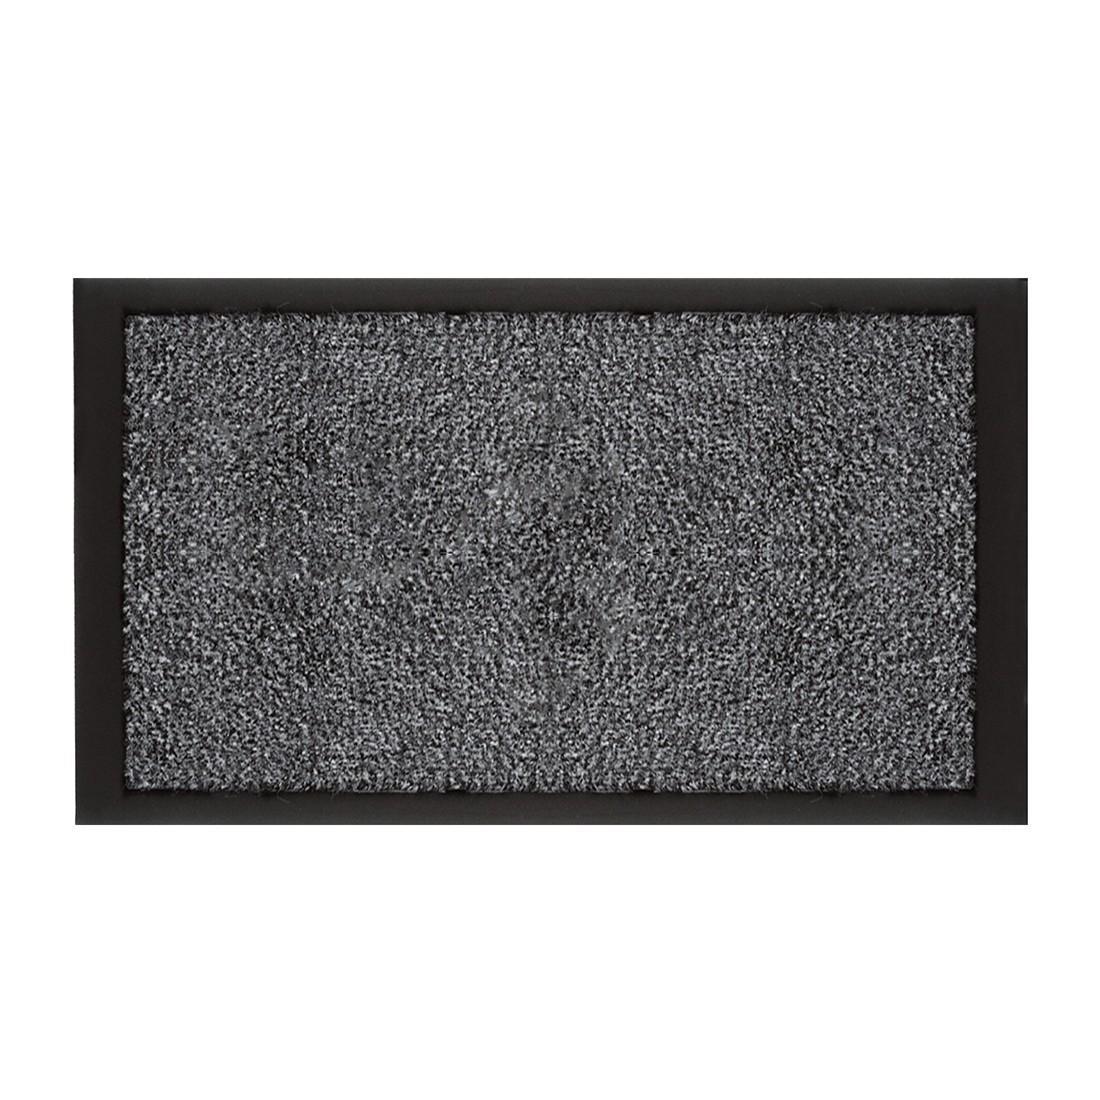 Fußmatte Granat – Grau, Astra kaufen